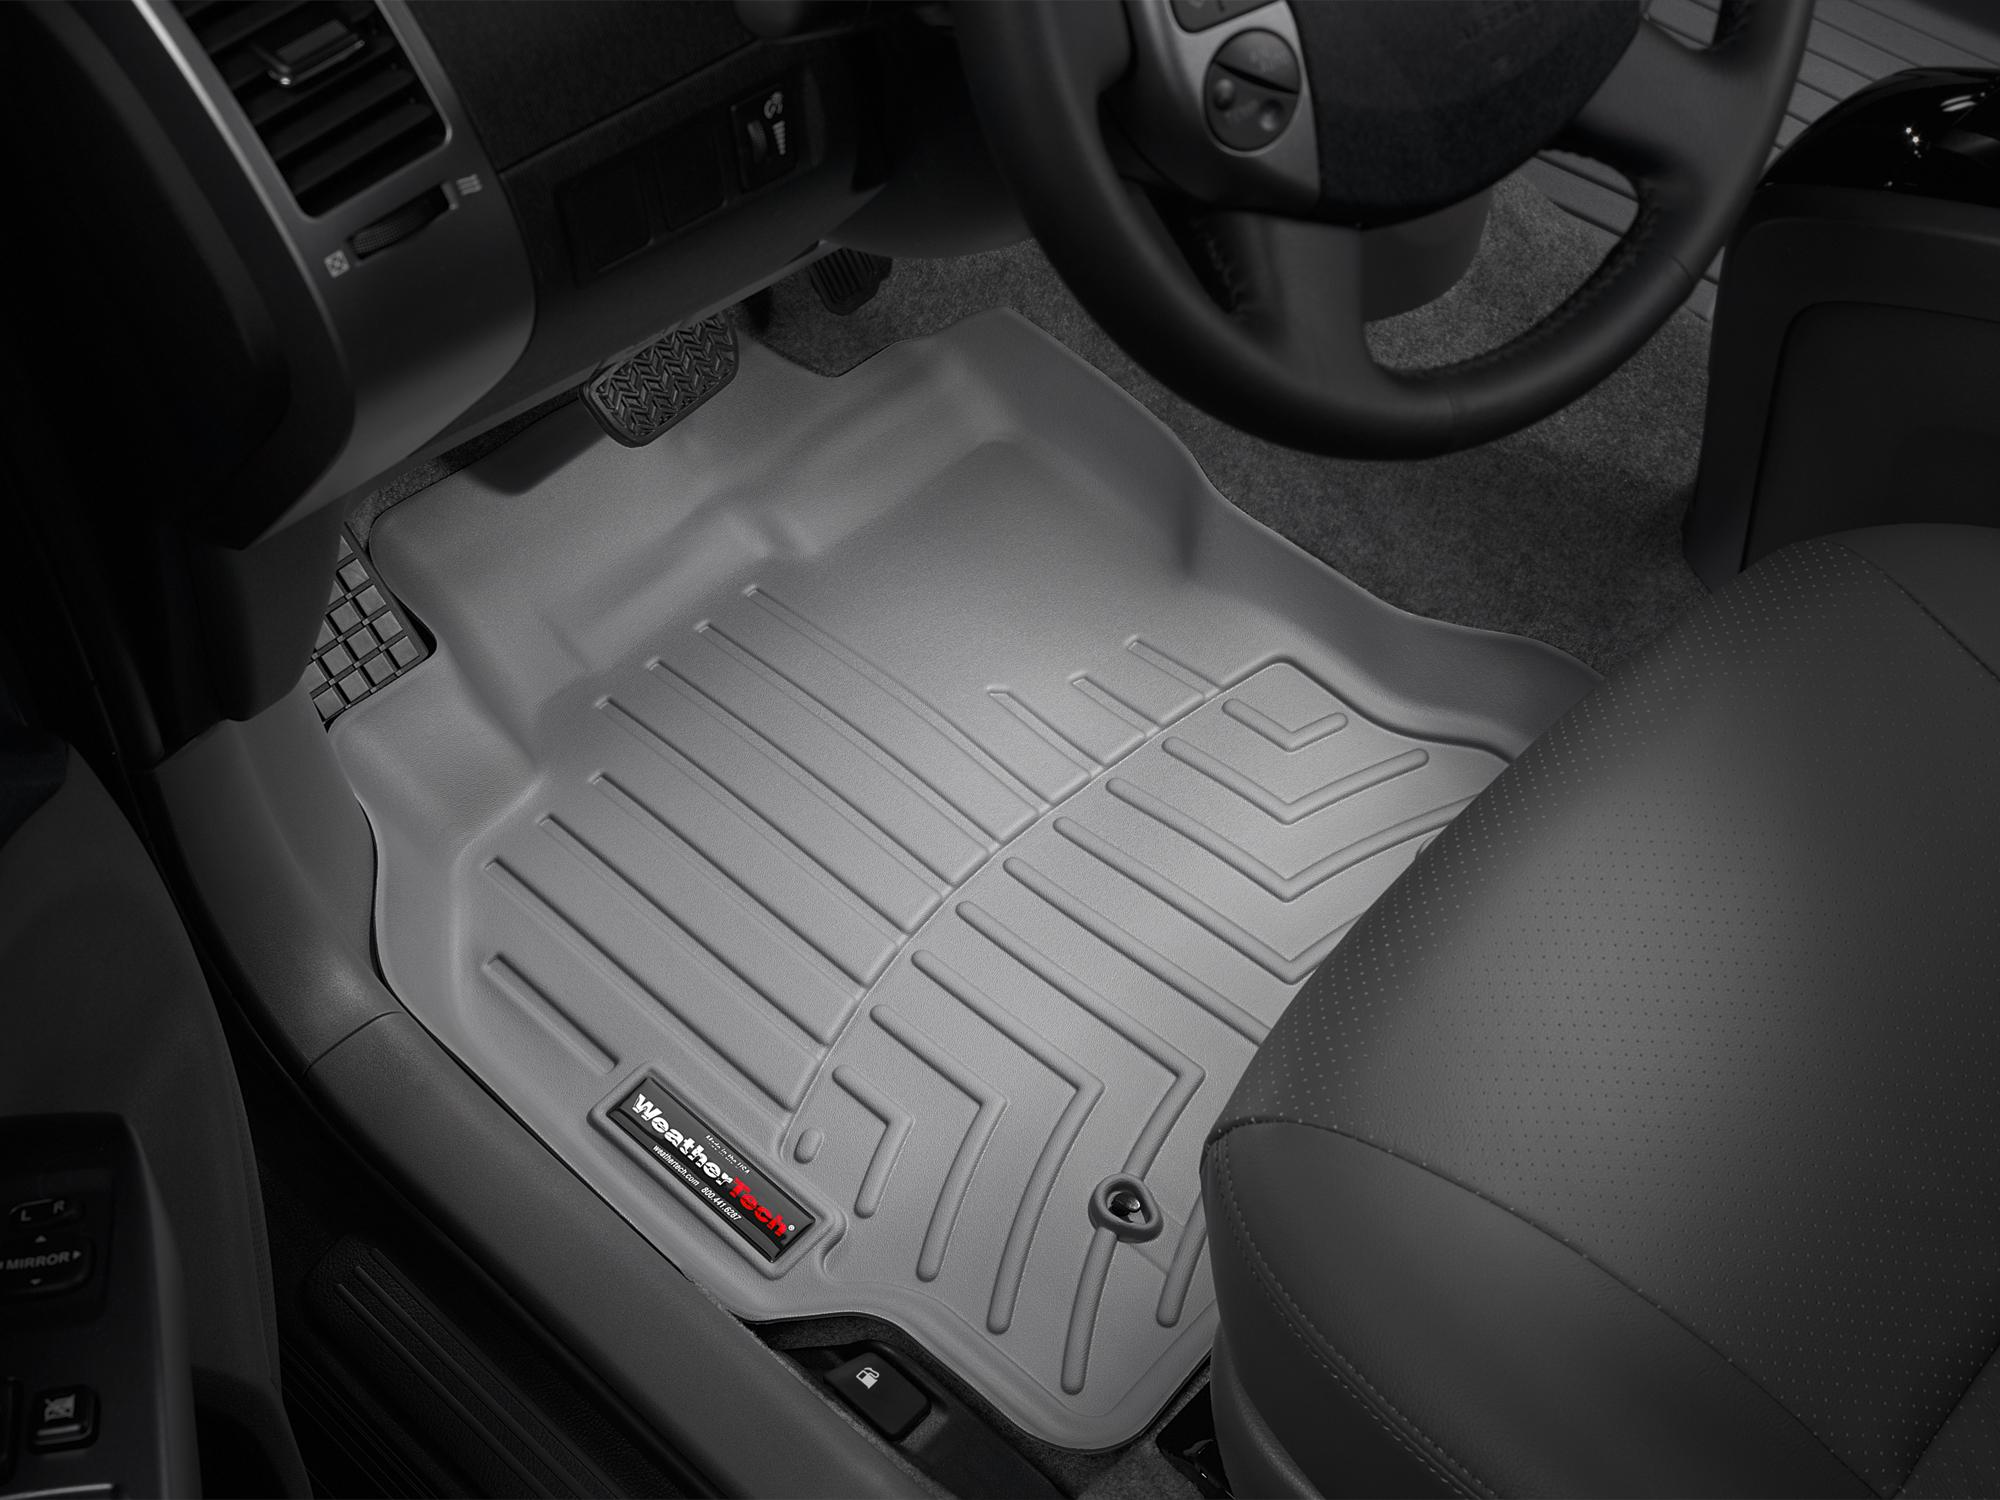 Tappeti gomma su misura bordo alto Toyota Prius 04>08 Grigio A3726*